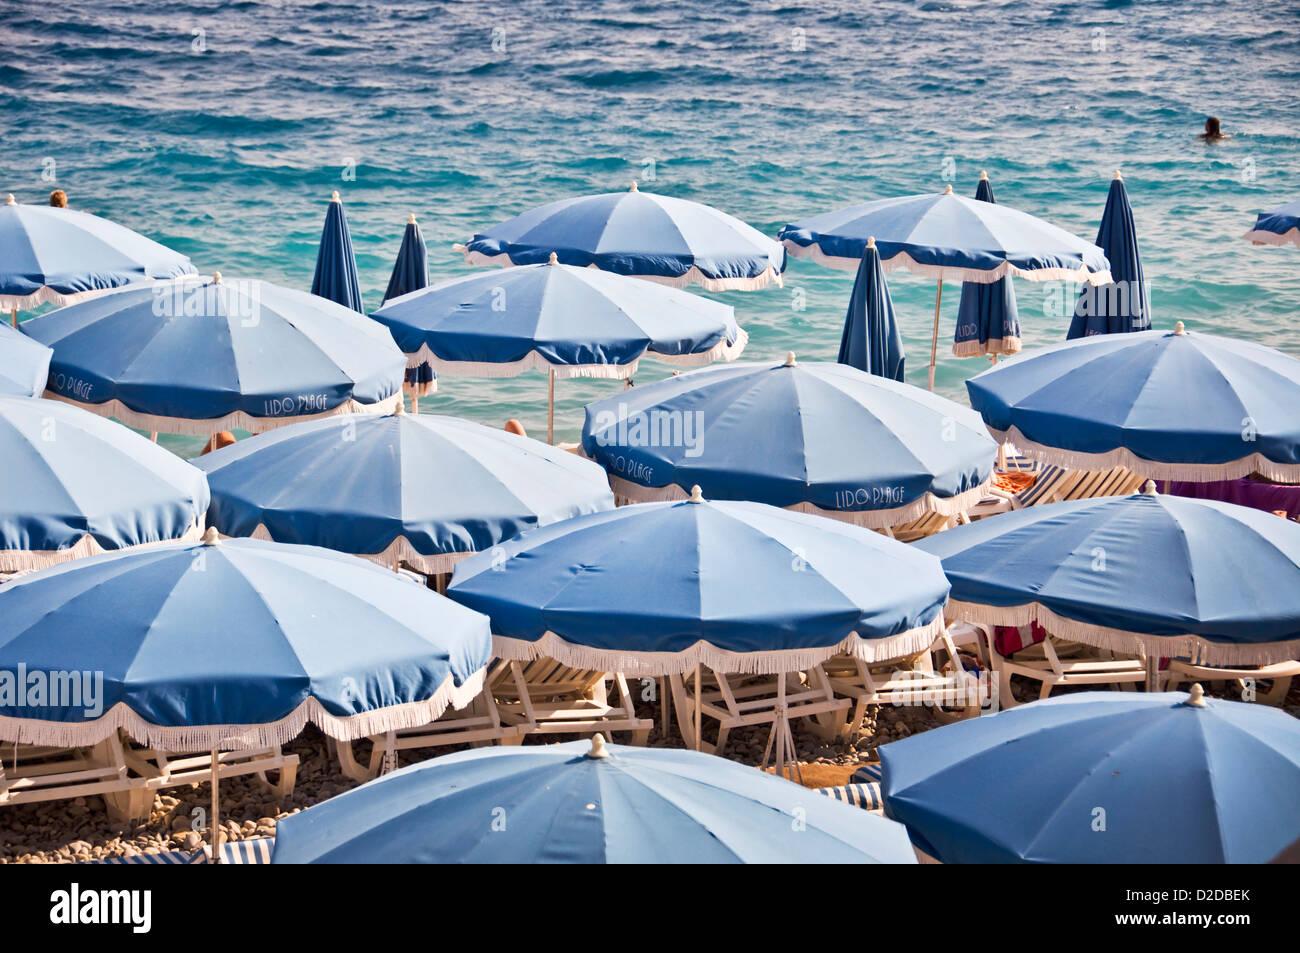 Privatstrand mit blauen Sonnenschirmen, Meer im Hintergrund Ansicht von oben - Nizza, Frankreich Stockbild